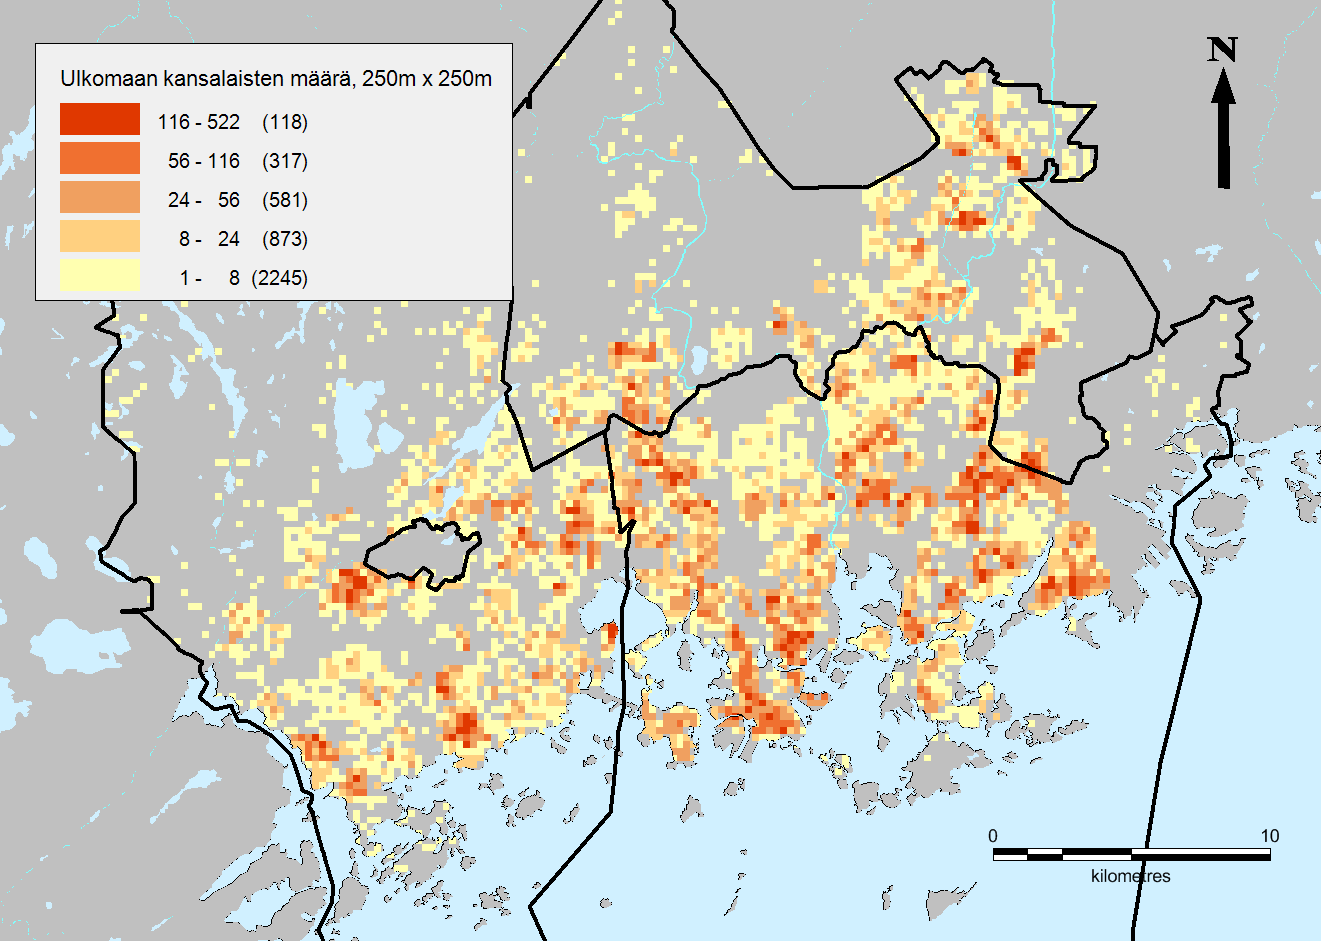 Kuva 2. Ulkomaan kansalaisten määrä PK-seudulla 250m x 250m ruuduilla